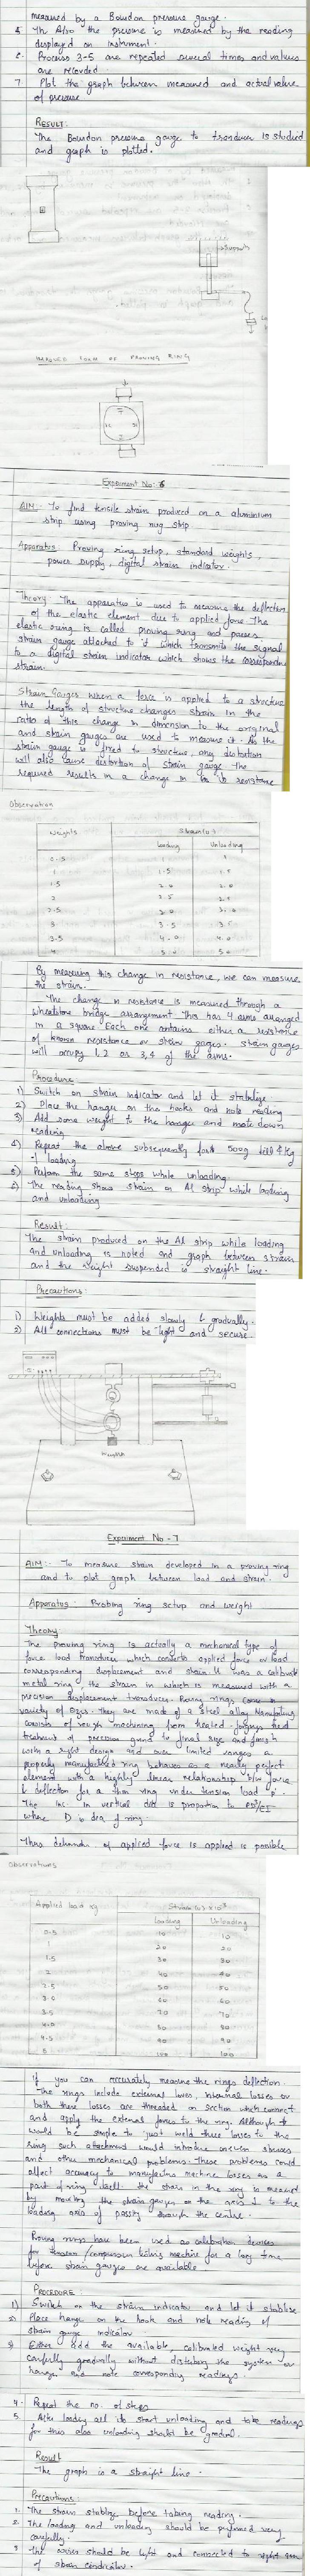 DTU Practical Files - 5 Sem - Instrumentation